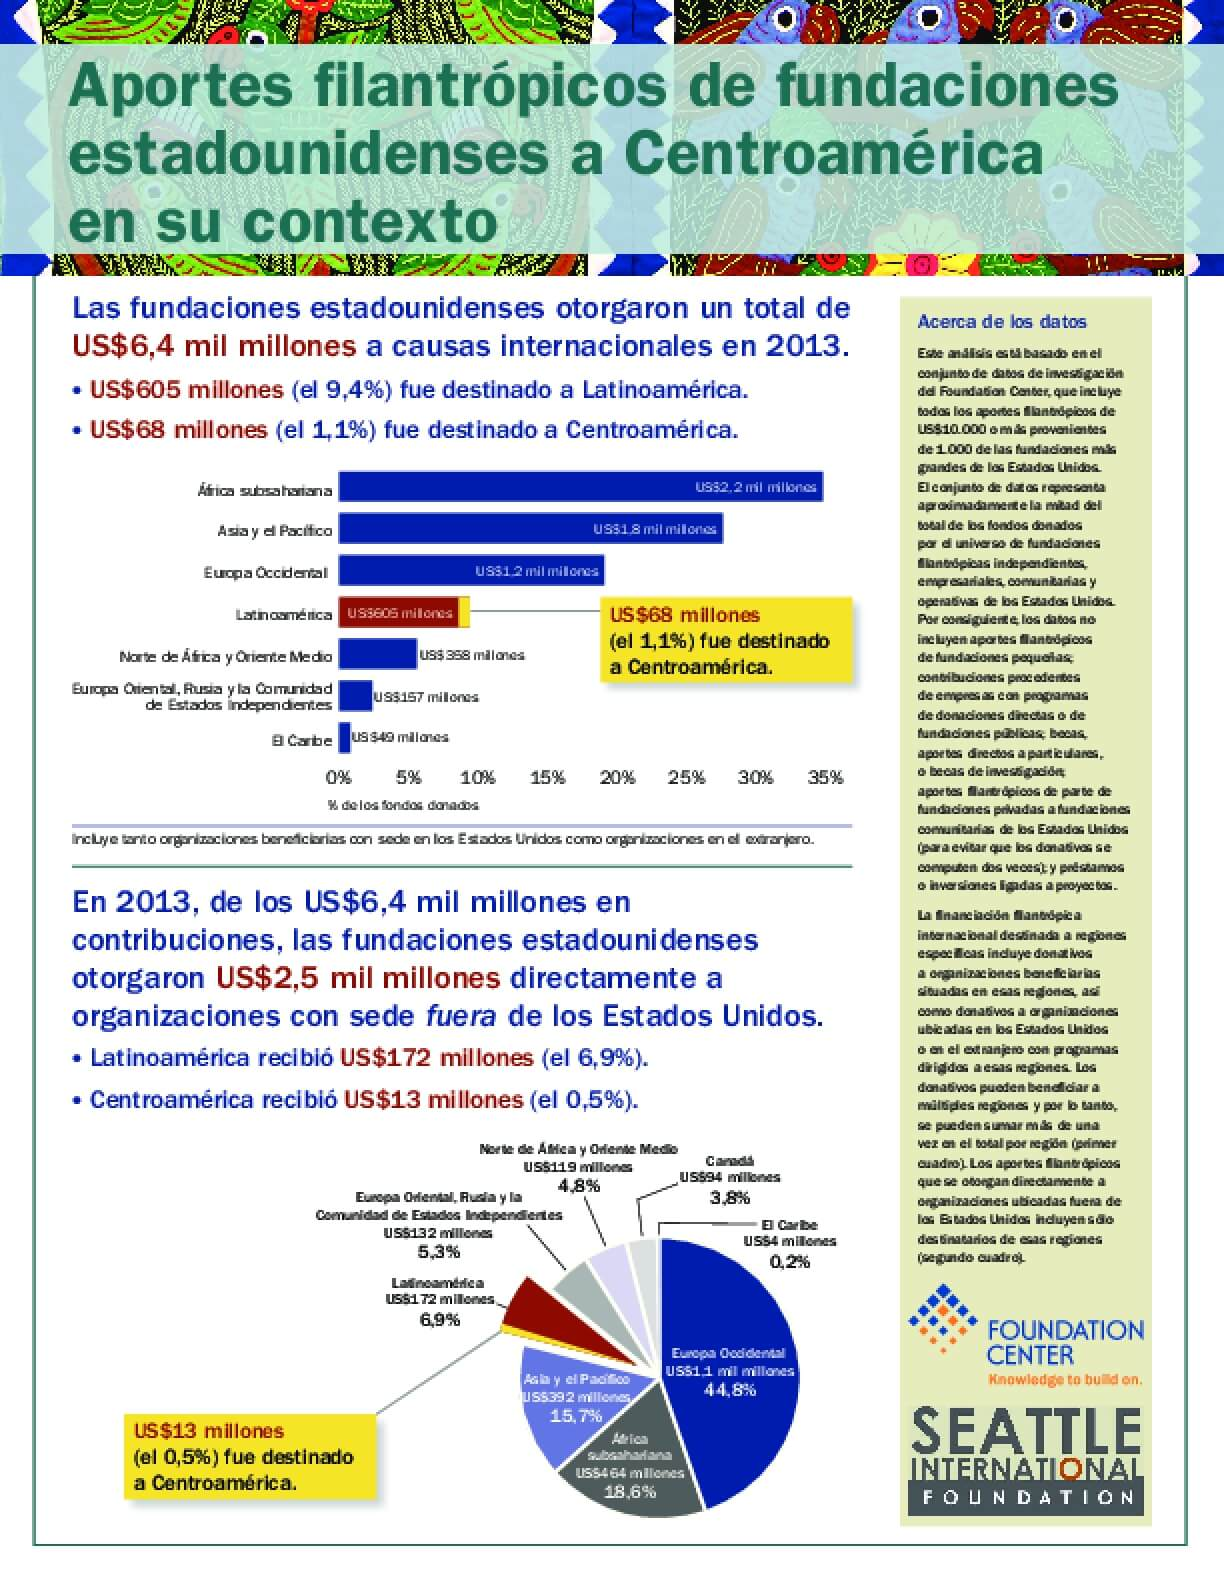 Aportes filantrópicos de fundaciones estadounidenses a Centroamérica ensu contexto